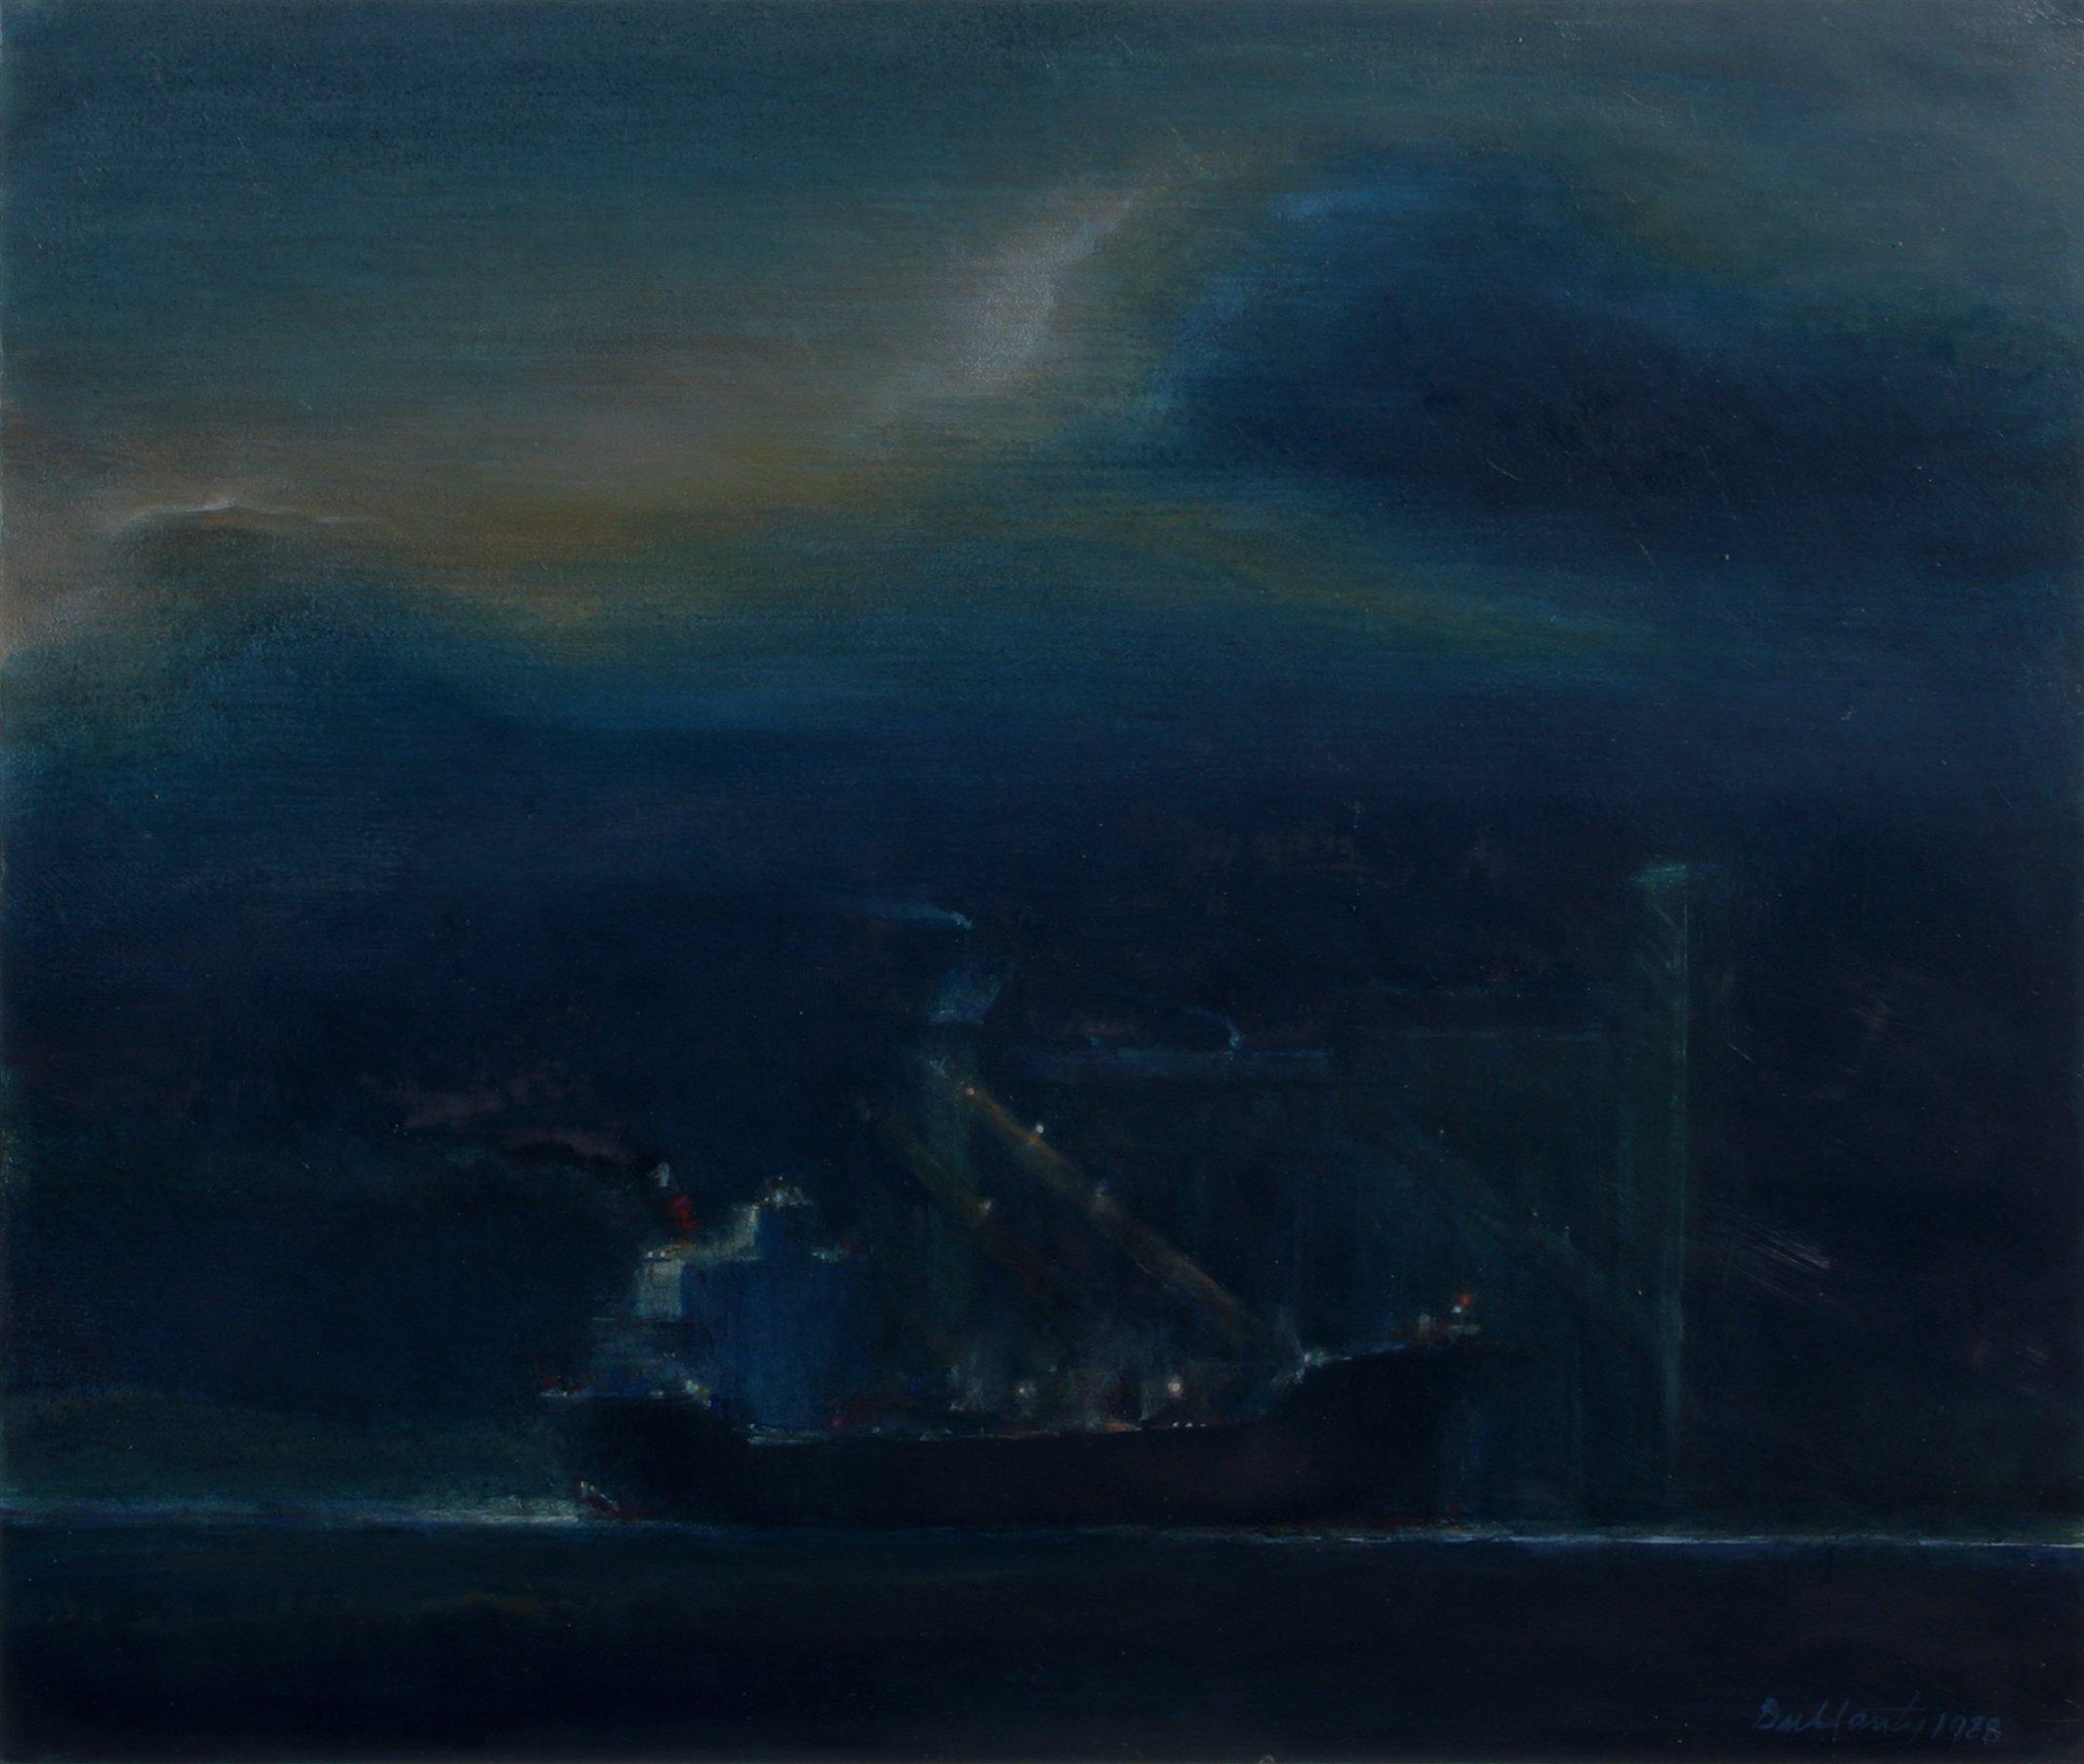 Dullanty, Patrick – Cargo Ship In Harbor